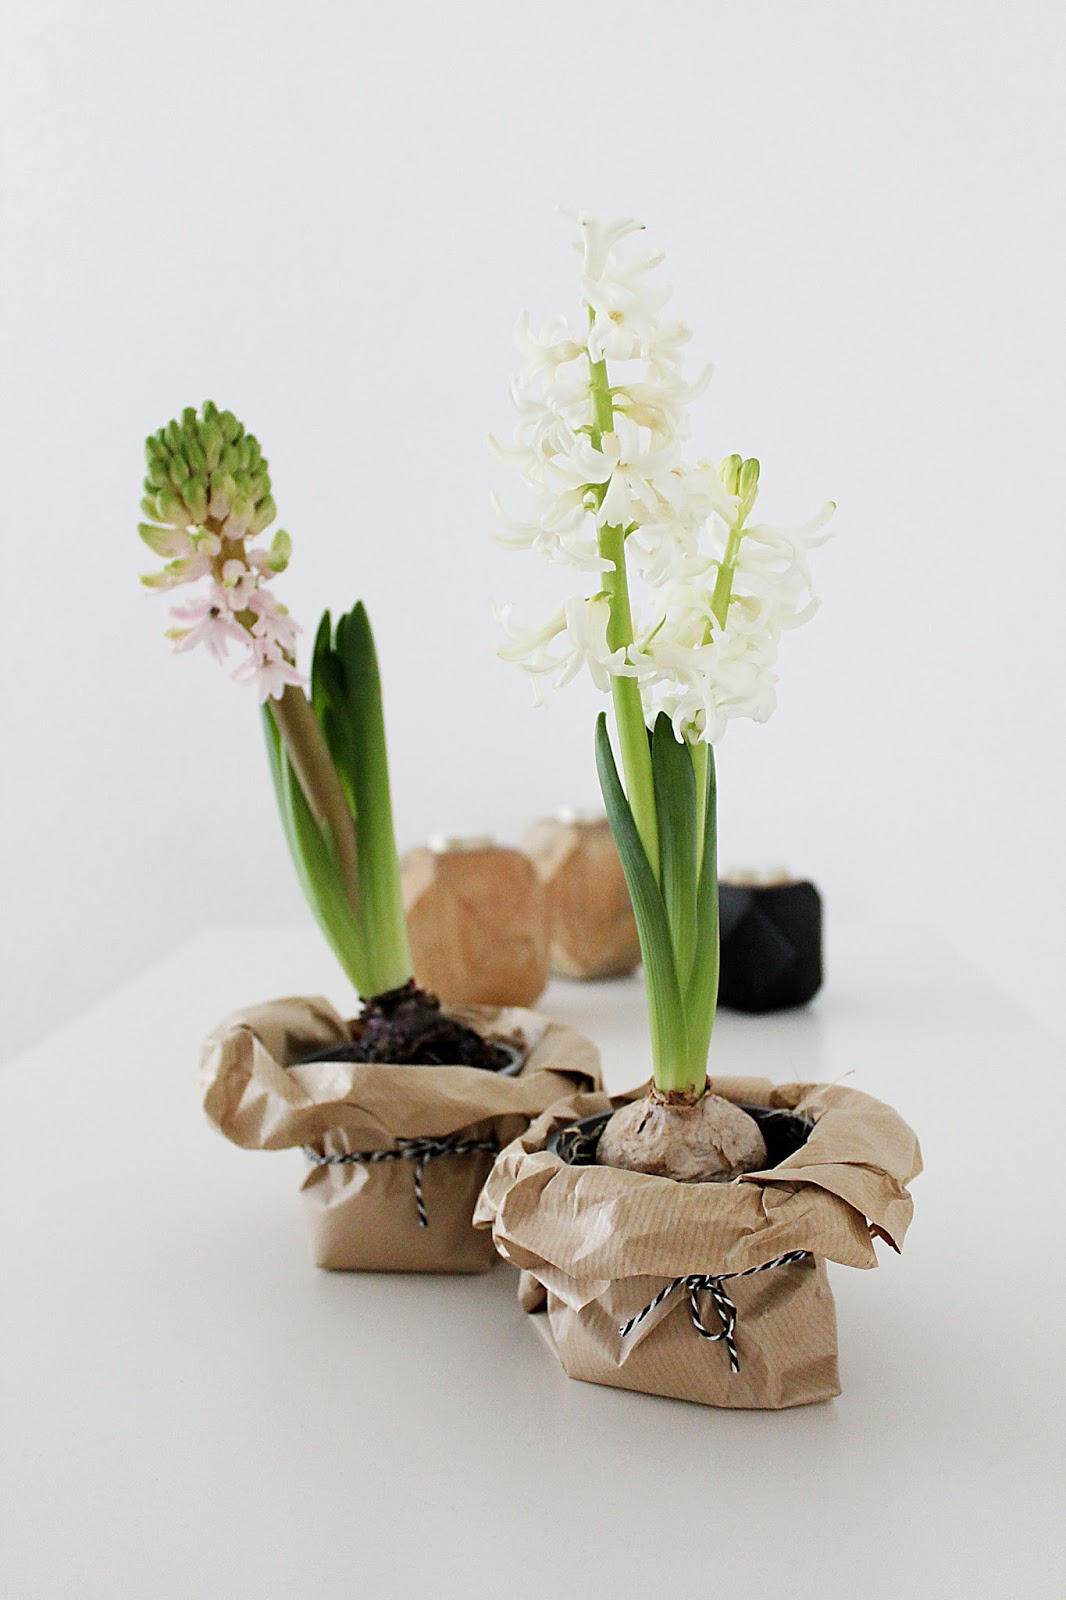 DIY Hyazinthen Blumentopf basteln im nordischen Stil mit Packpapier